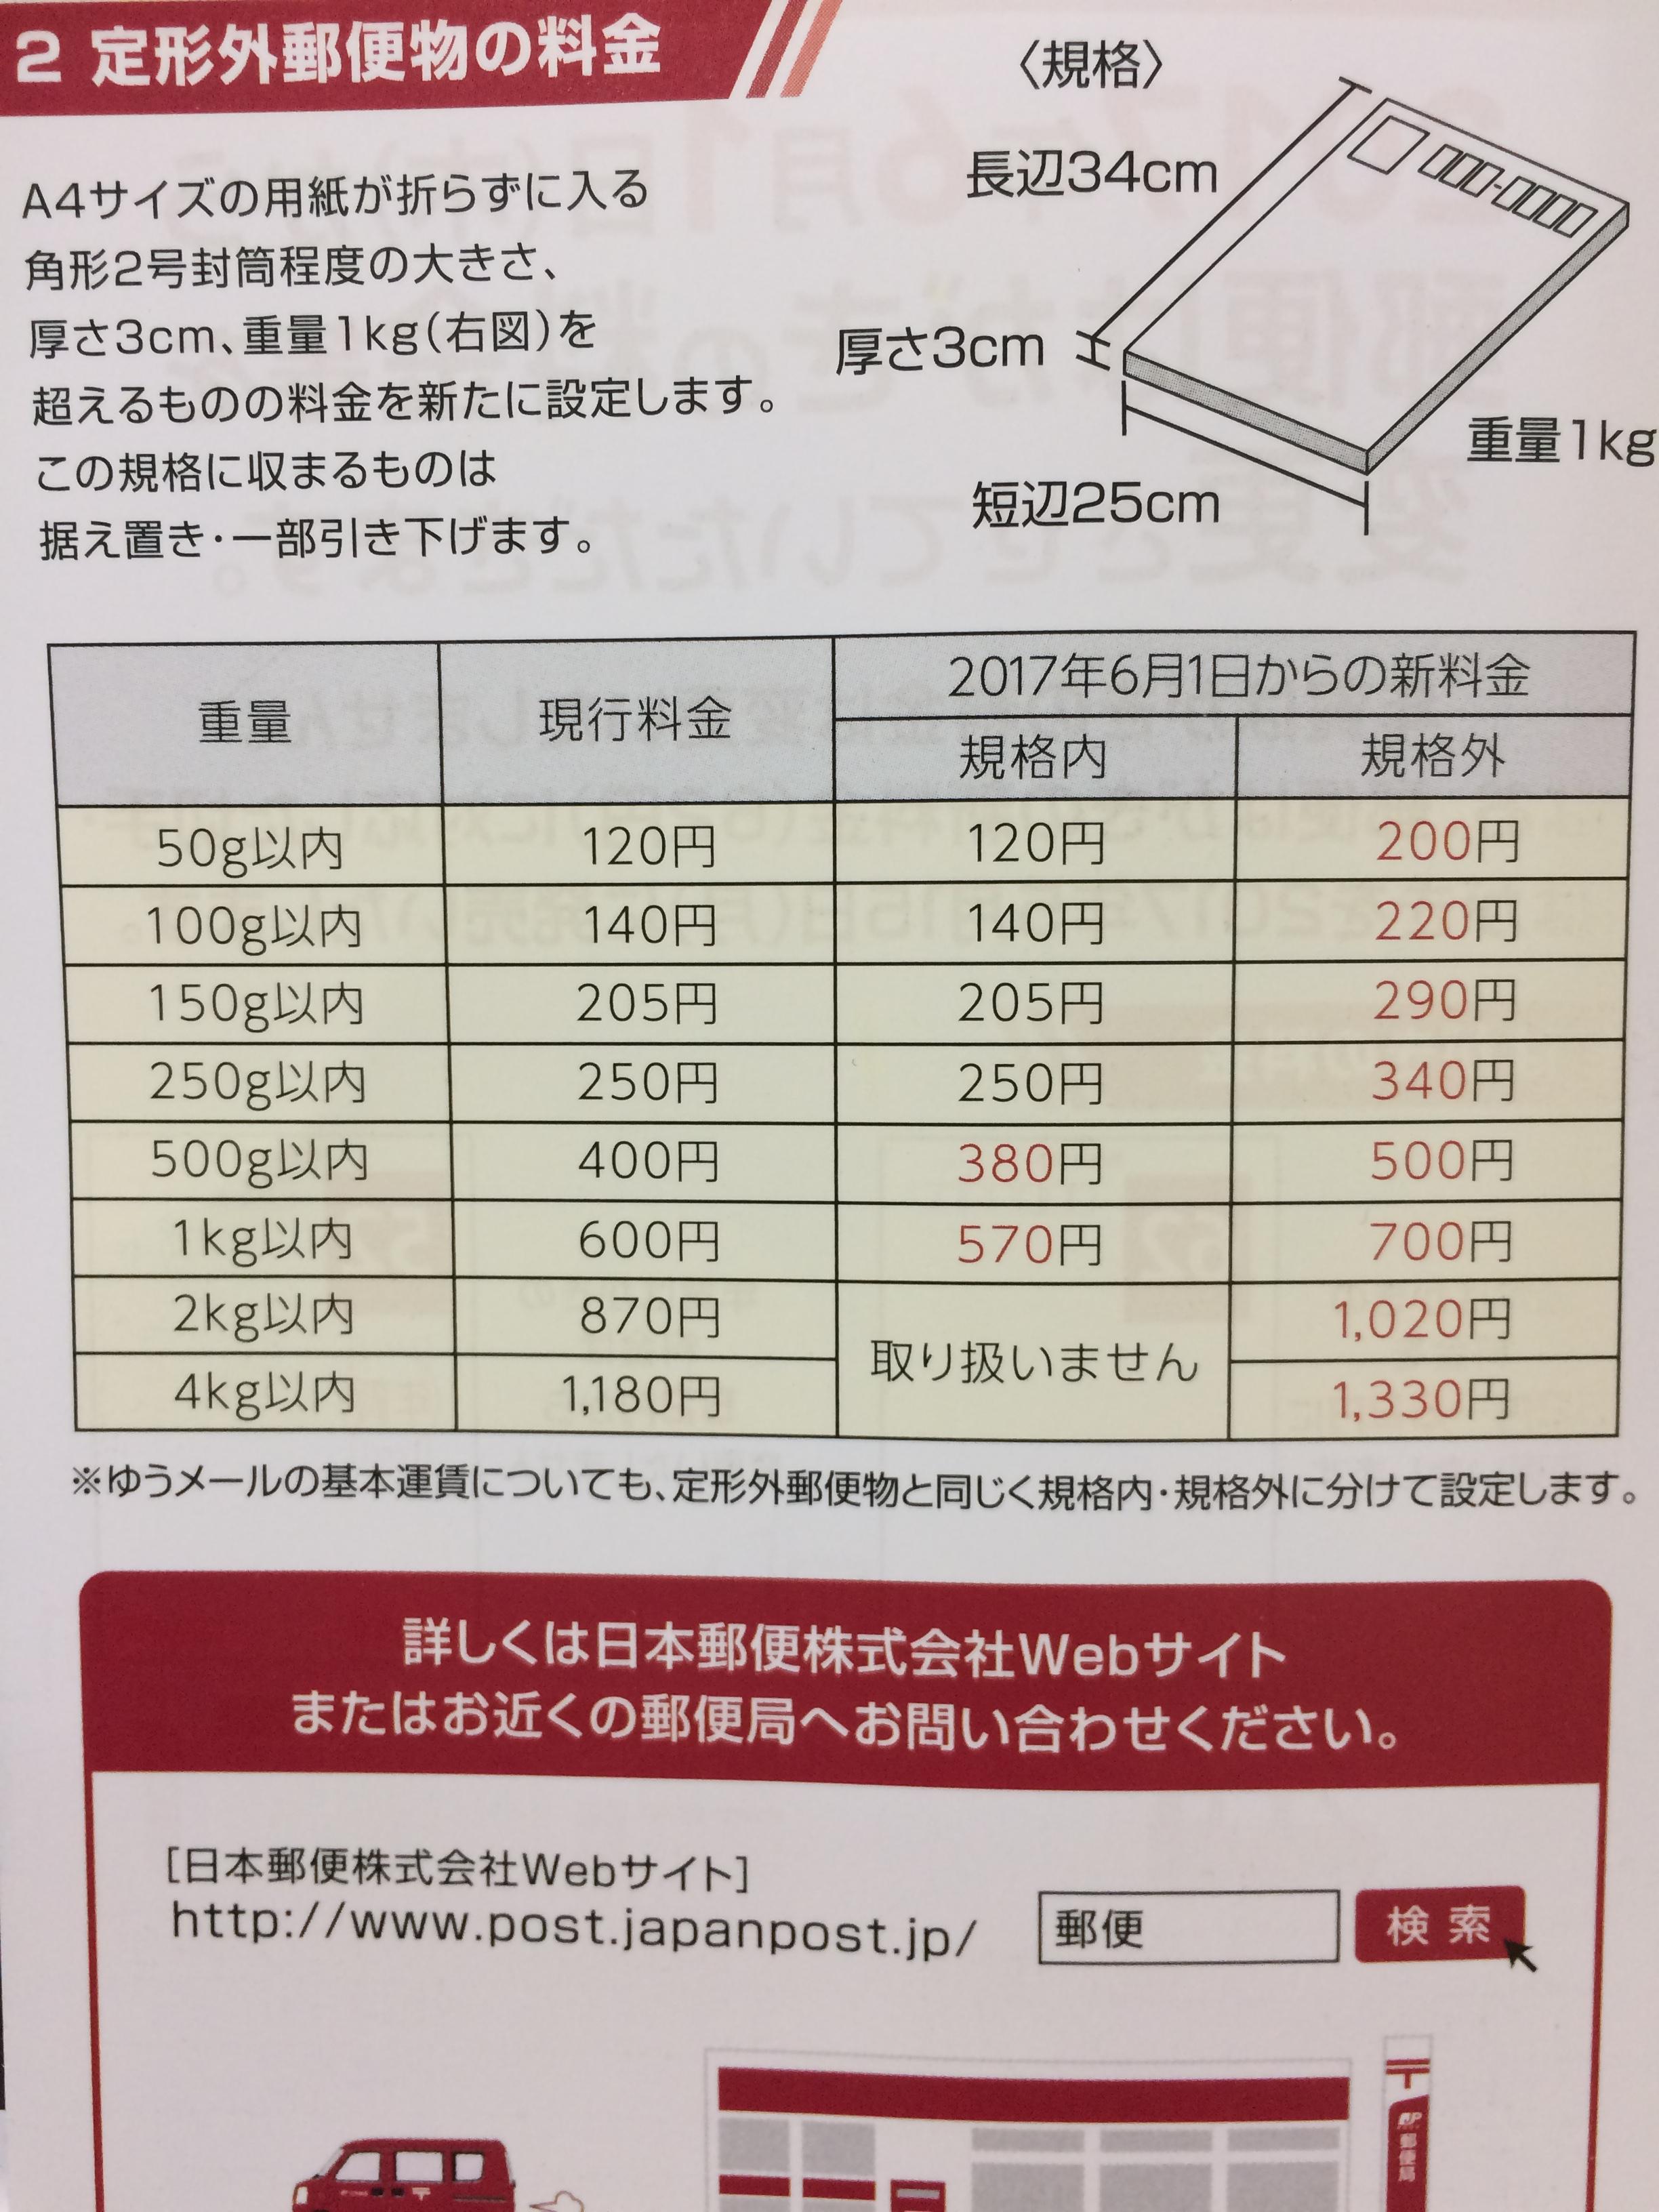 値段 郵便